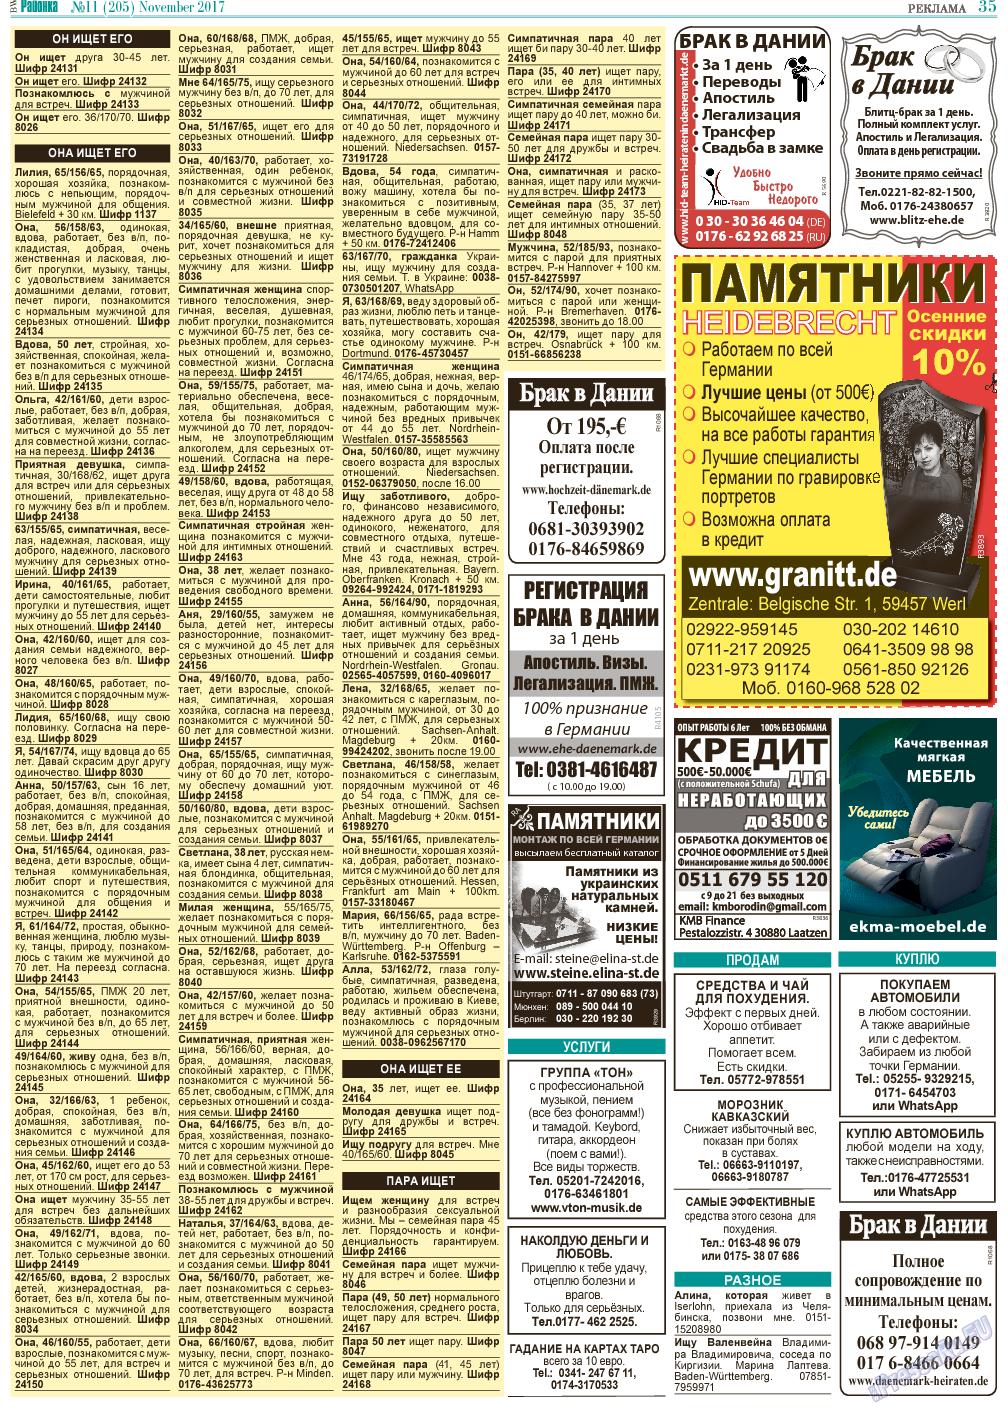 Районка-West (газета). 2017 год, номер 11, стр. 35